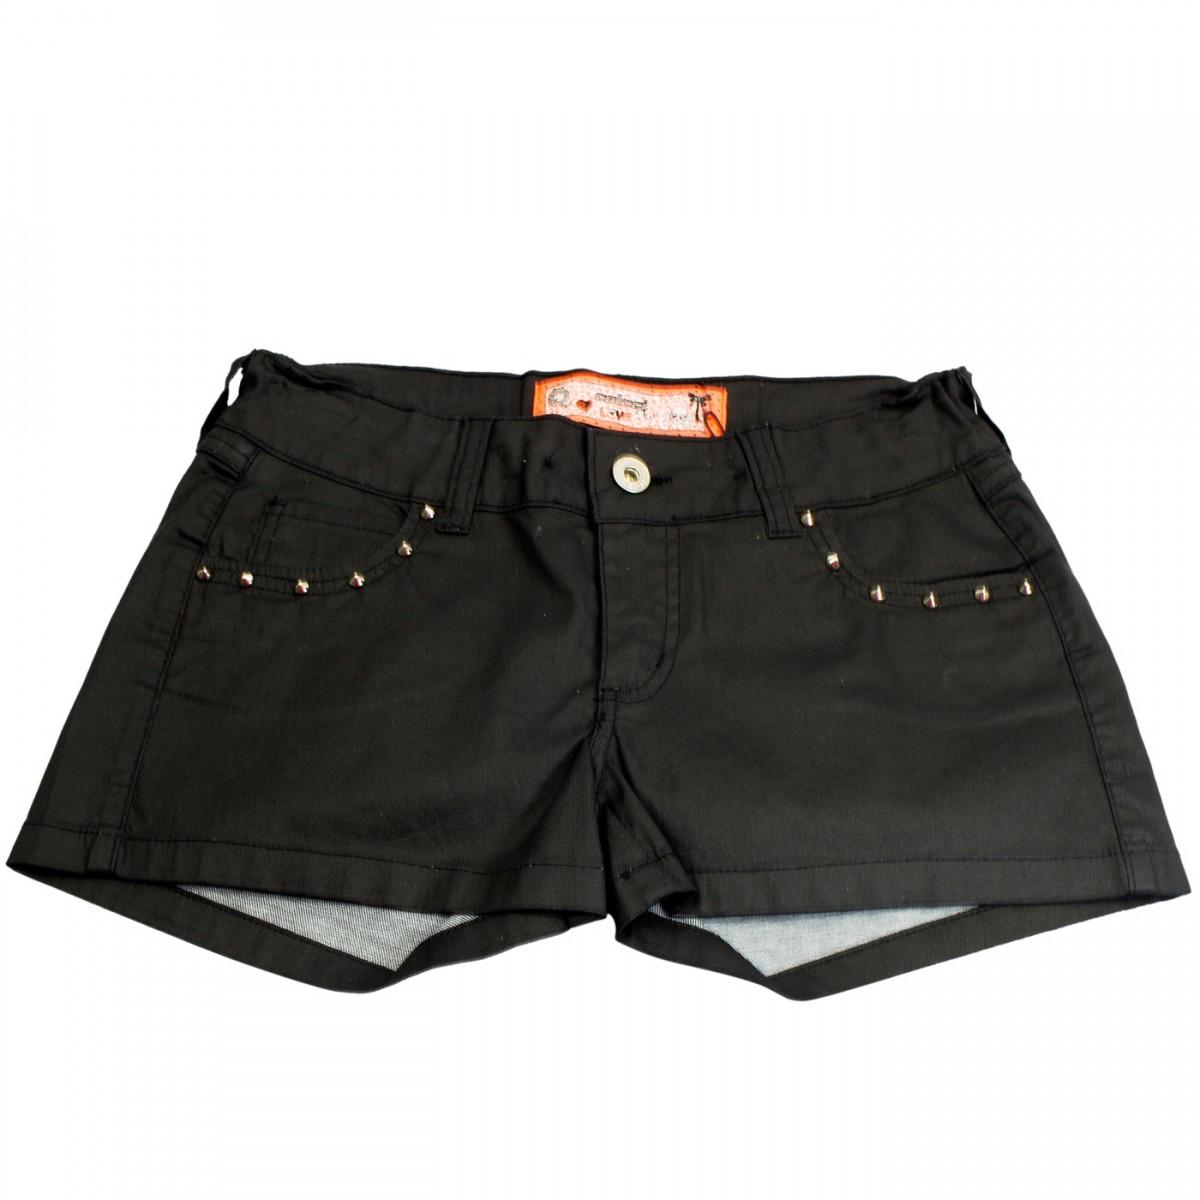 251986a4e Bizz Store - Shorts Juvenil Feminino Colcci Fun Indigo Preto